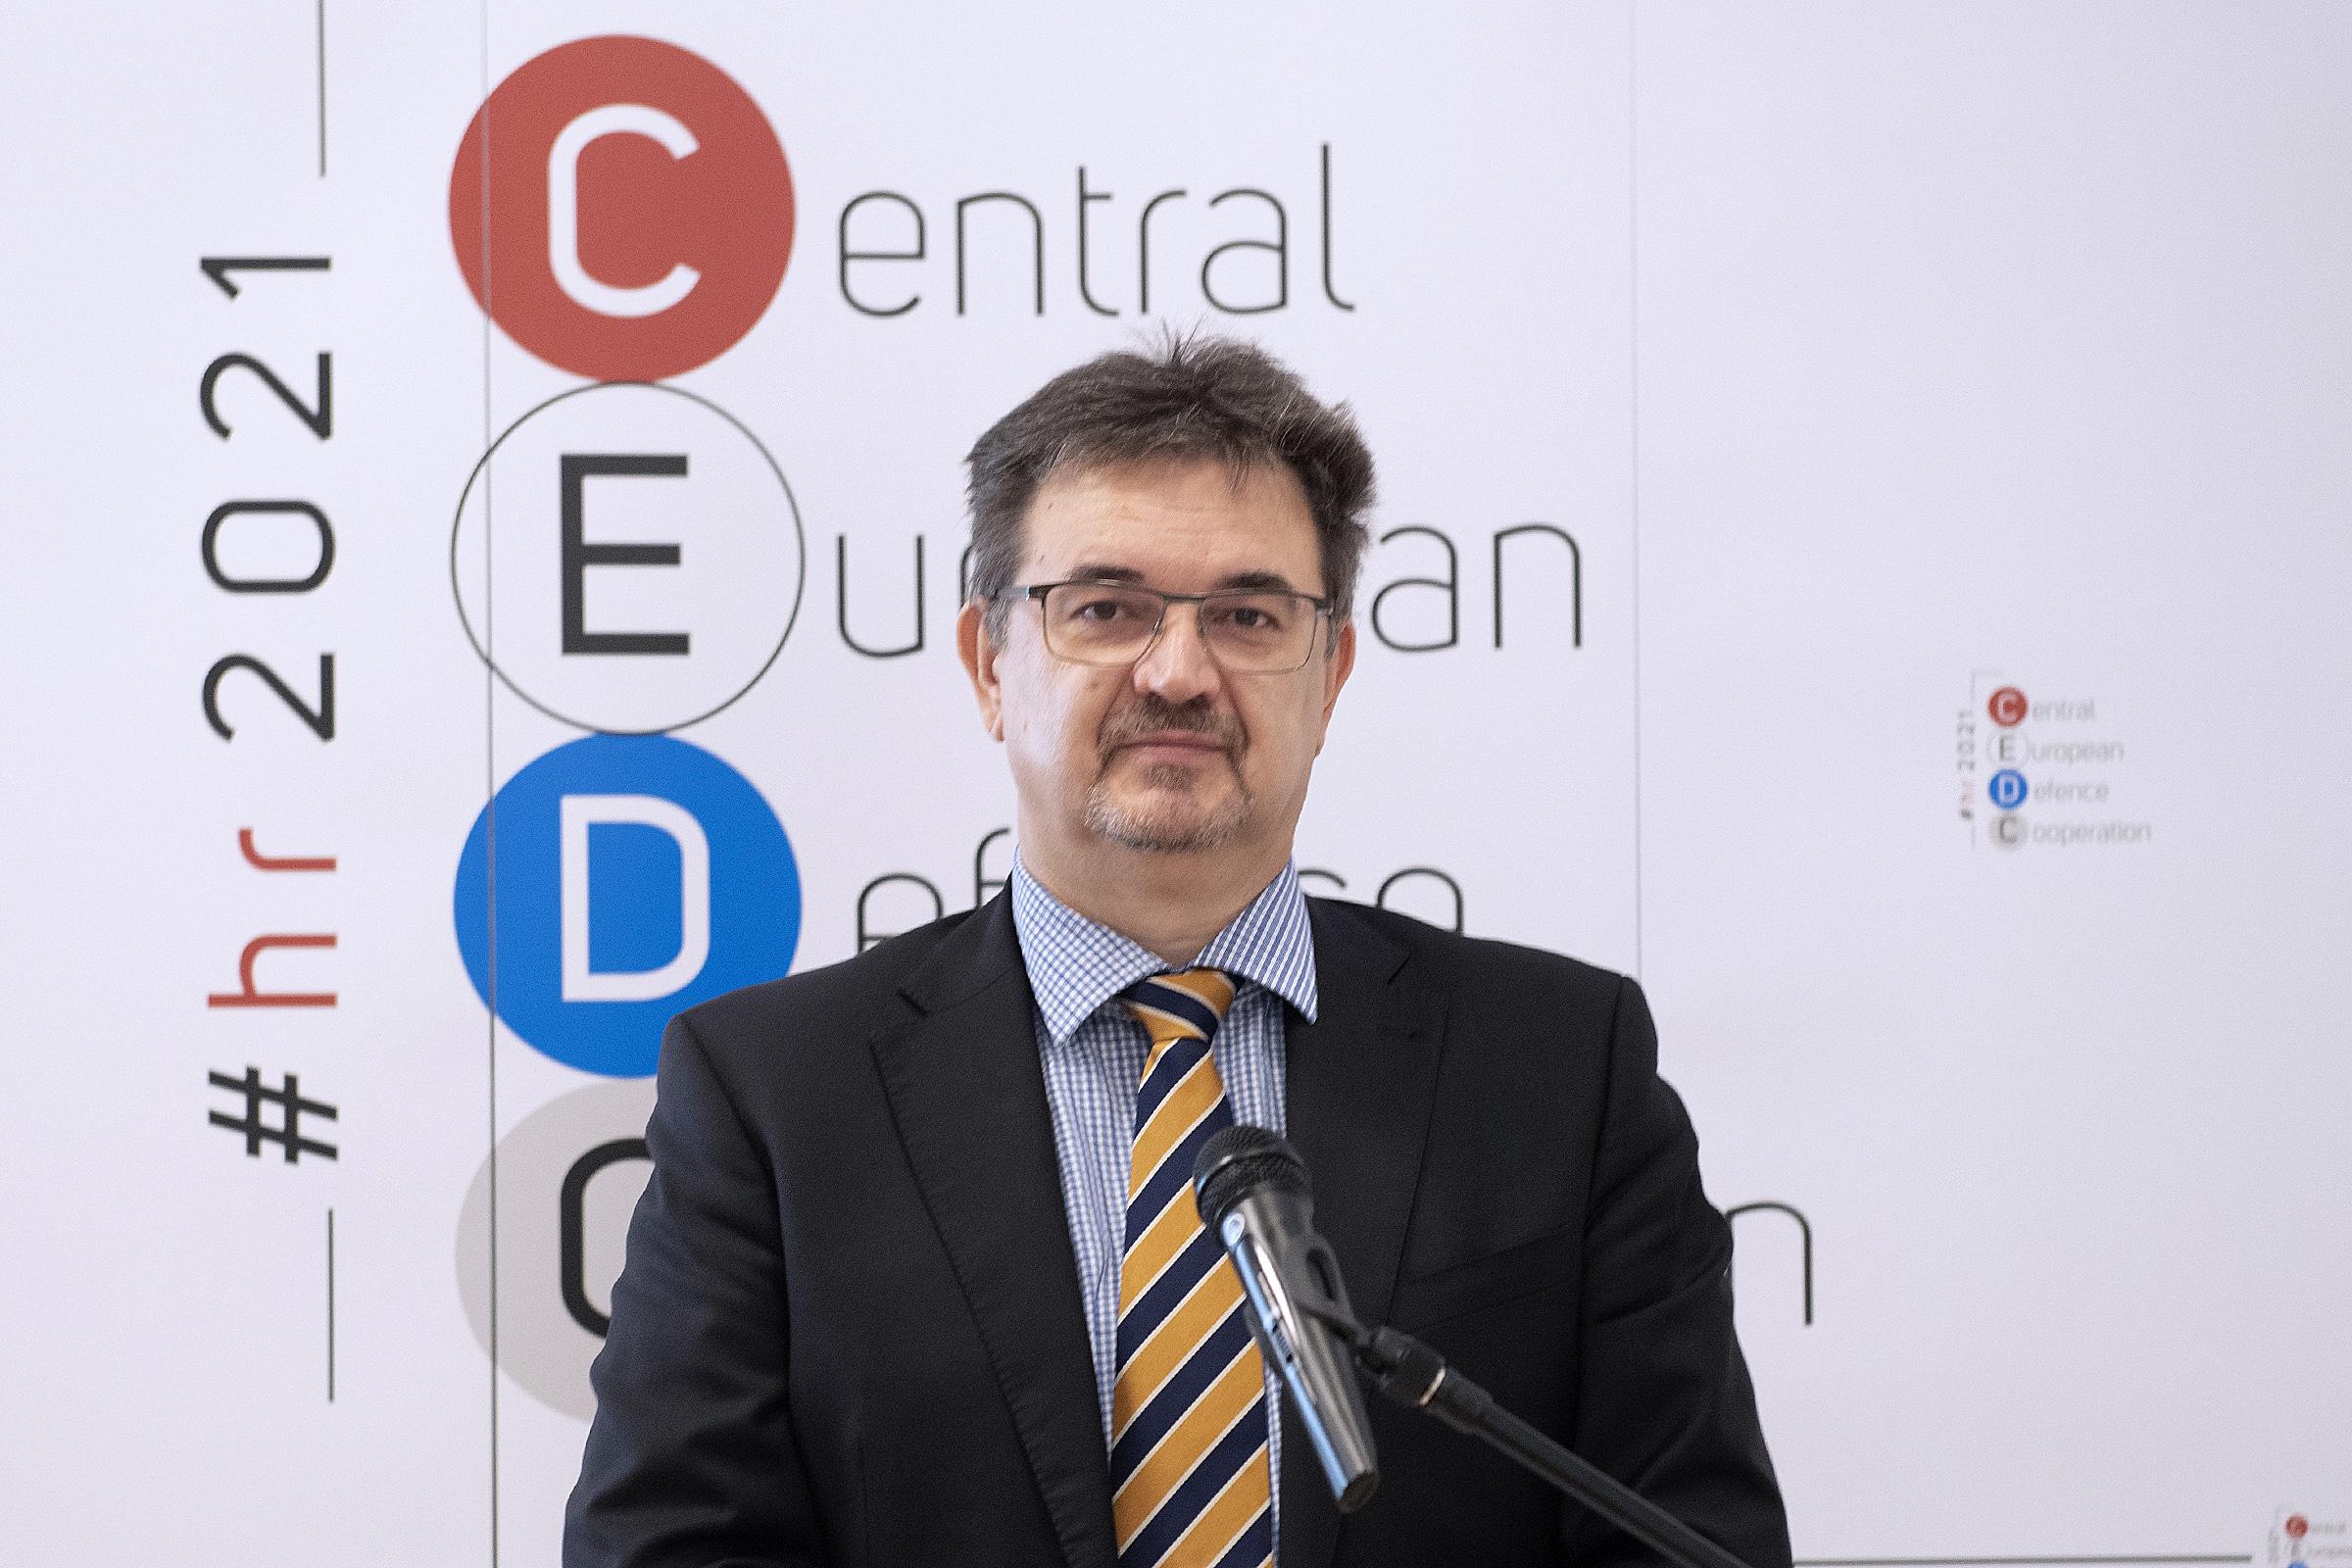 Održana druga CEDC radionica